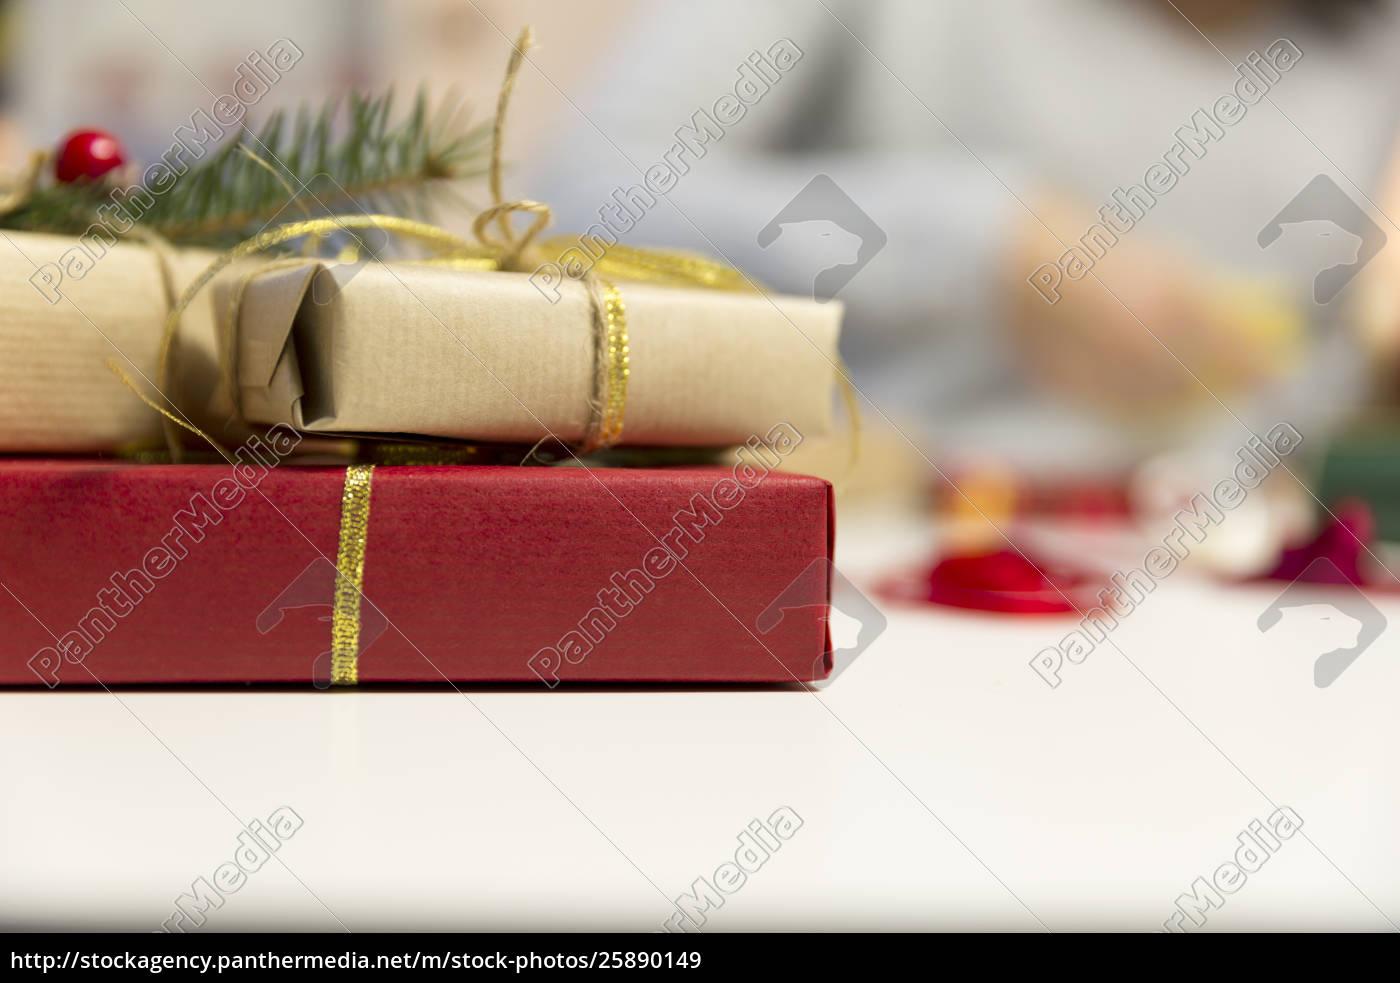 Schöne Weihnachtsgeschenke.Lizenzfreies Bild 25890149 Schöne Frauen Bereiten Weihnachtsgeschenke Vor Feiertags Und